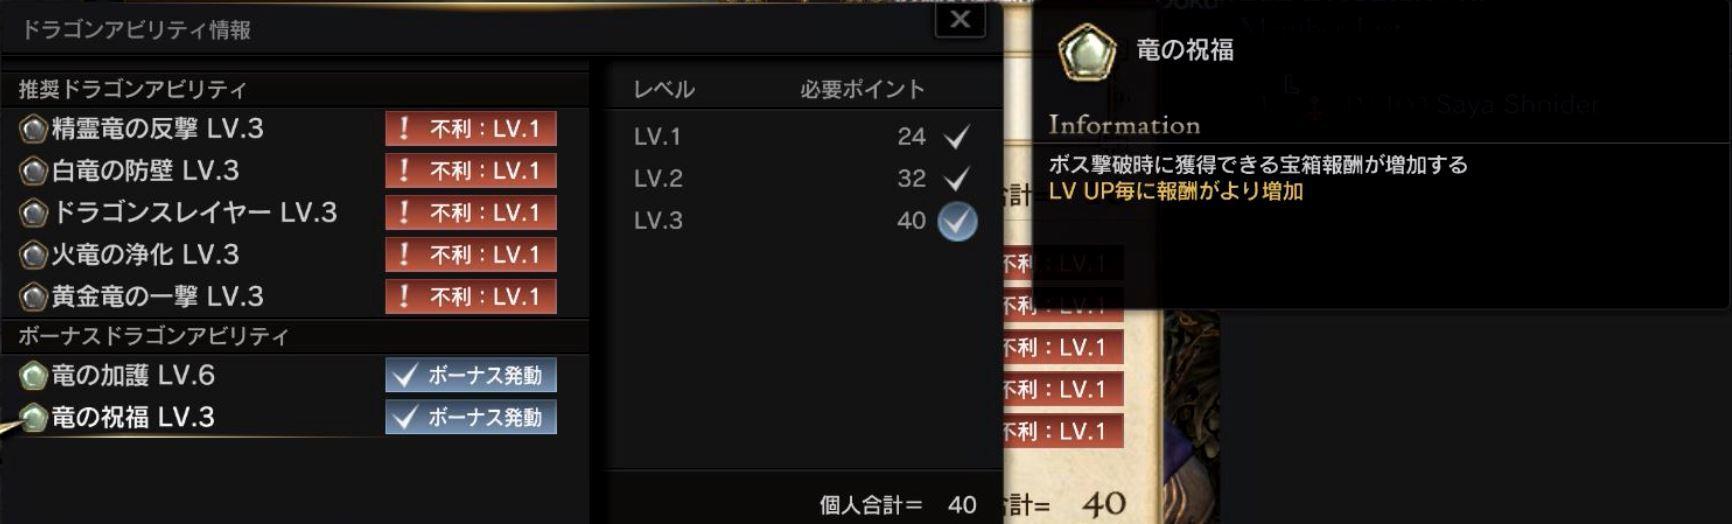 DA_7.jpg